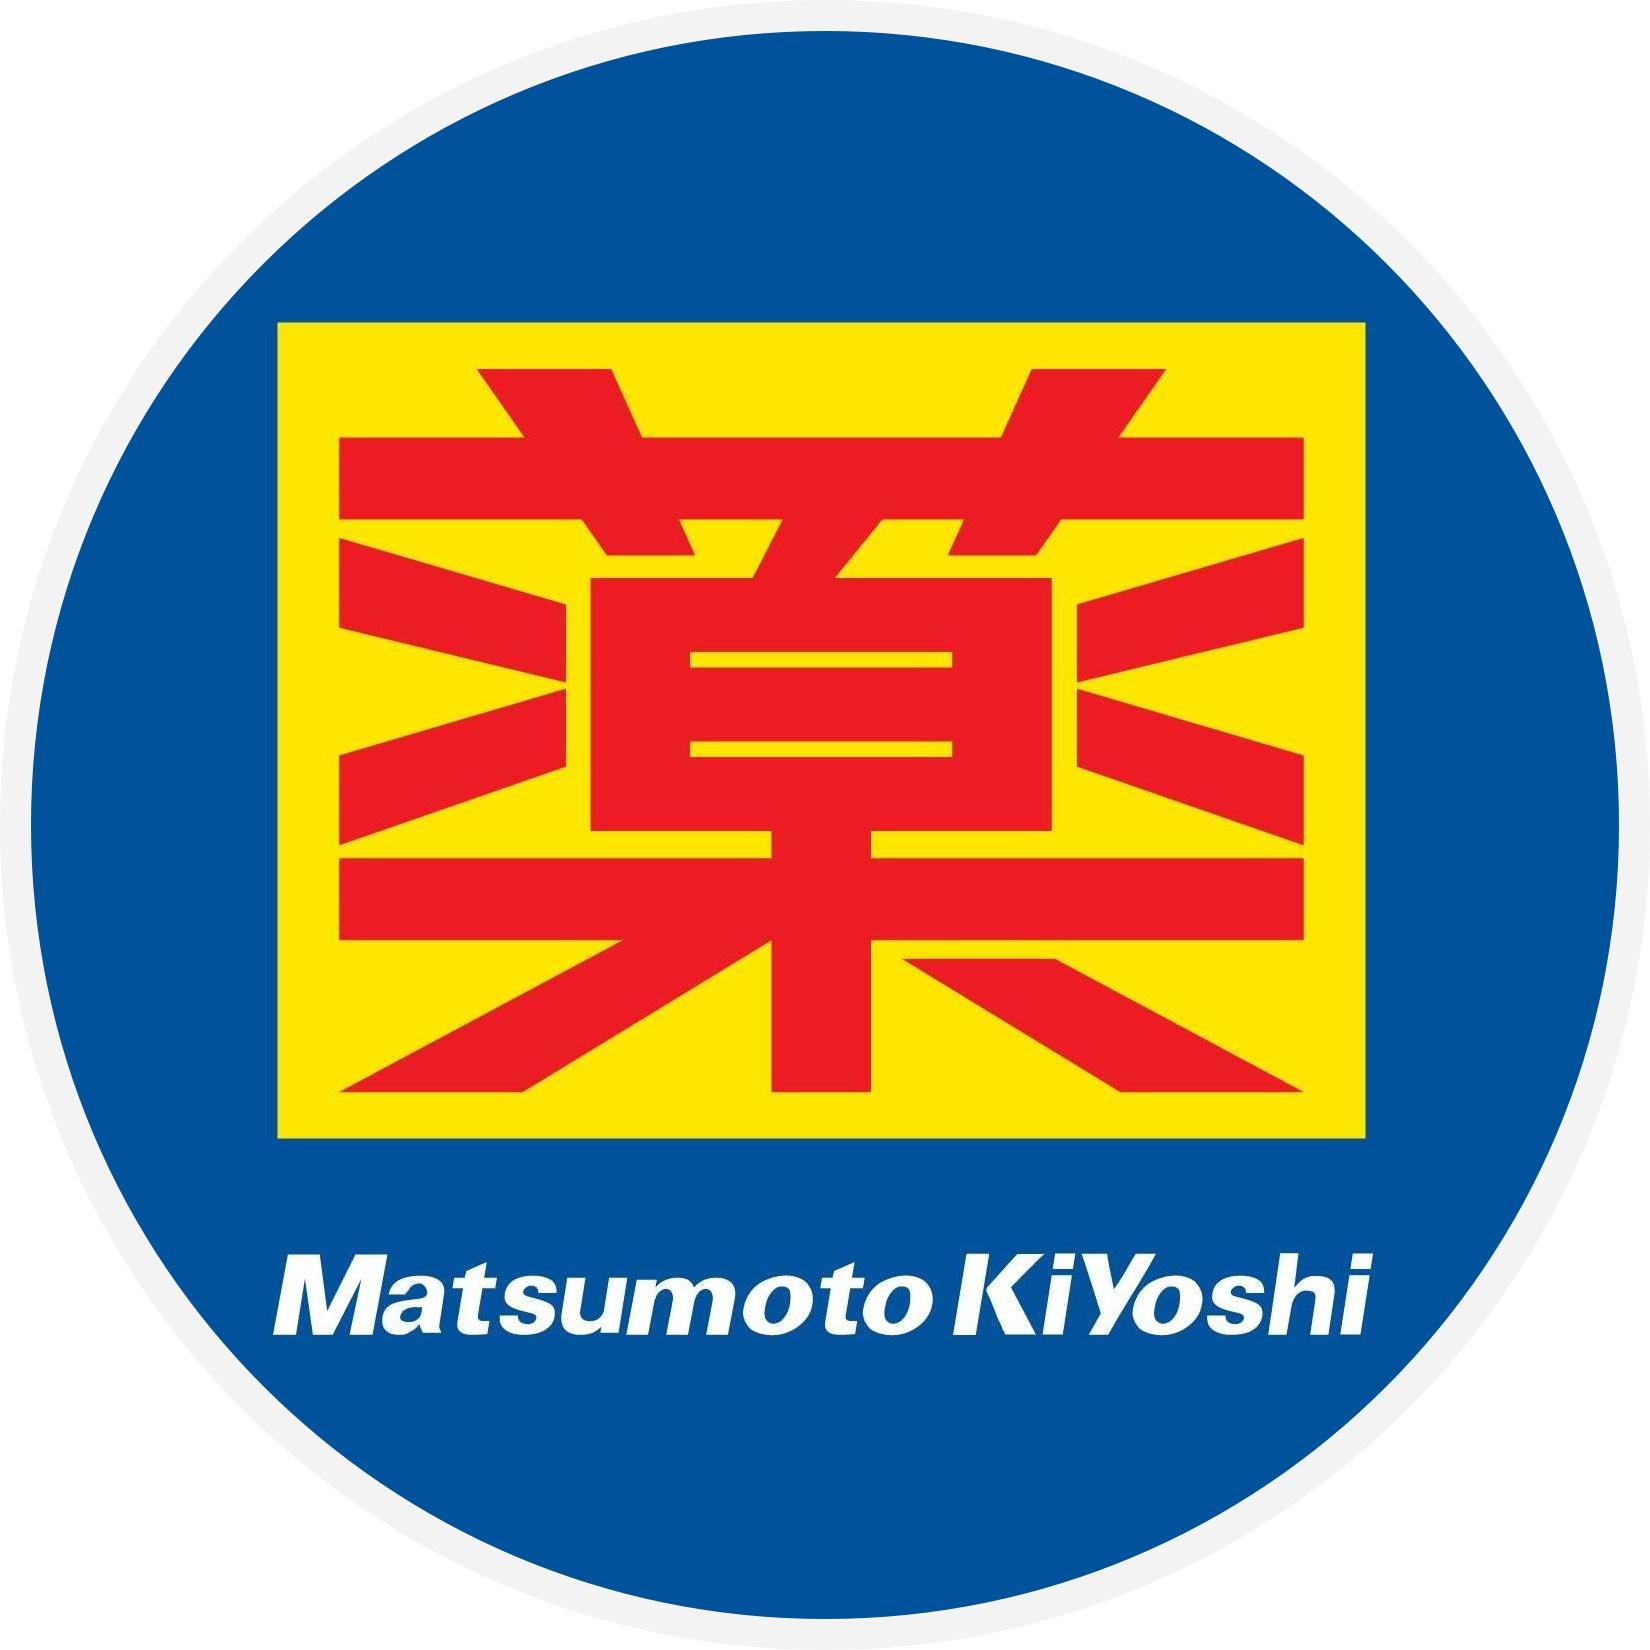 Matsumoto Kiyoshi (มัทสึโมโตะ คิโยชิ)